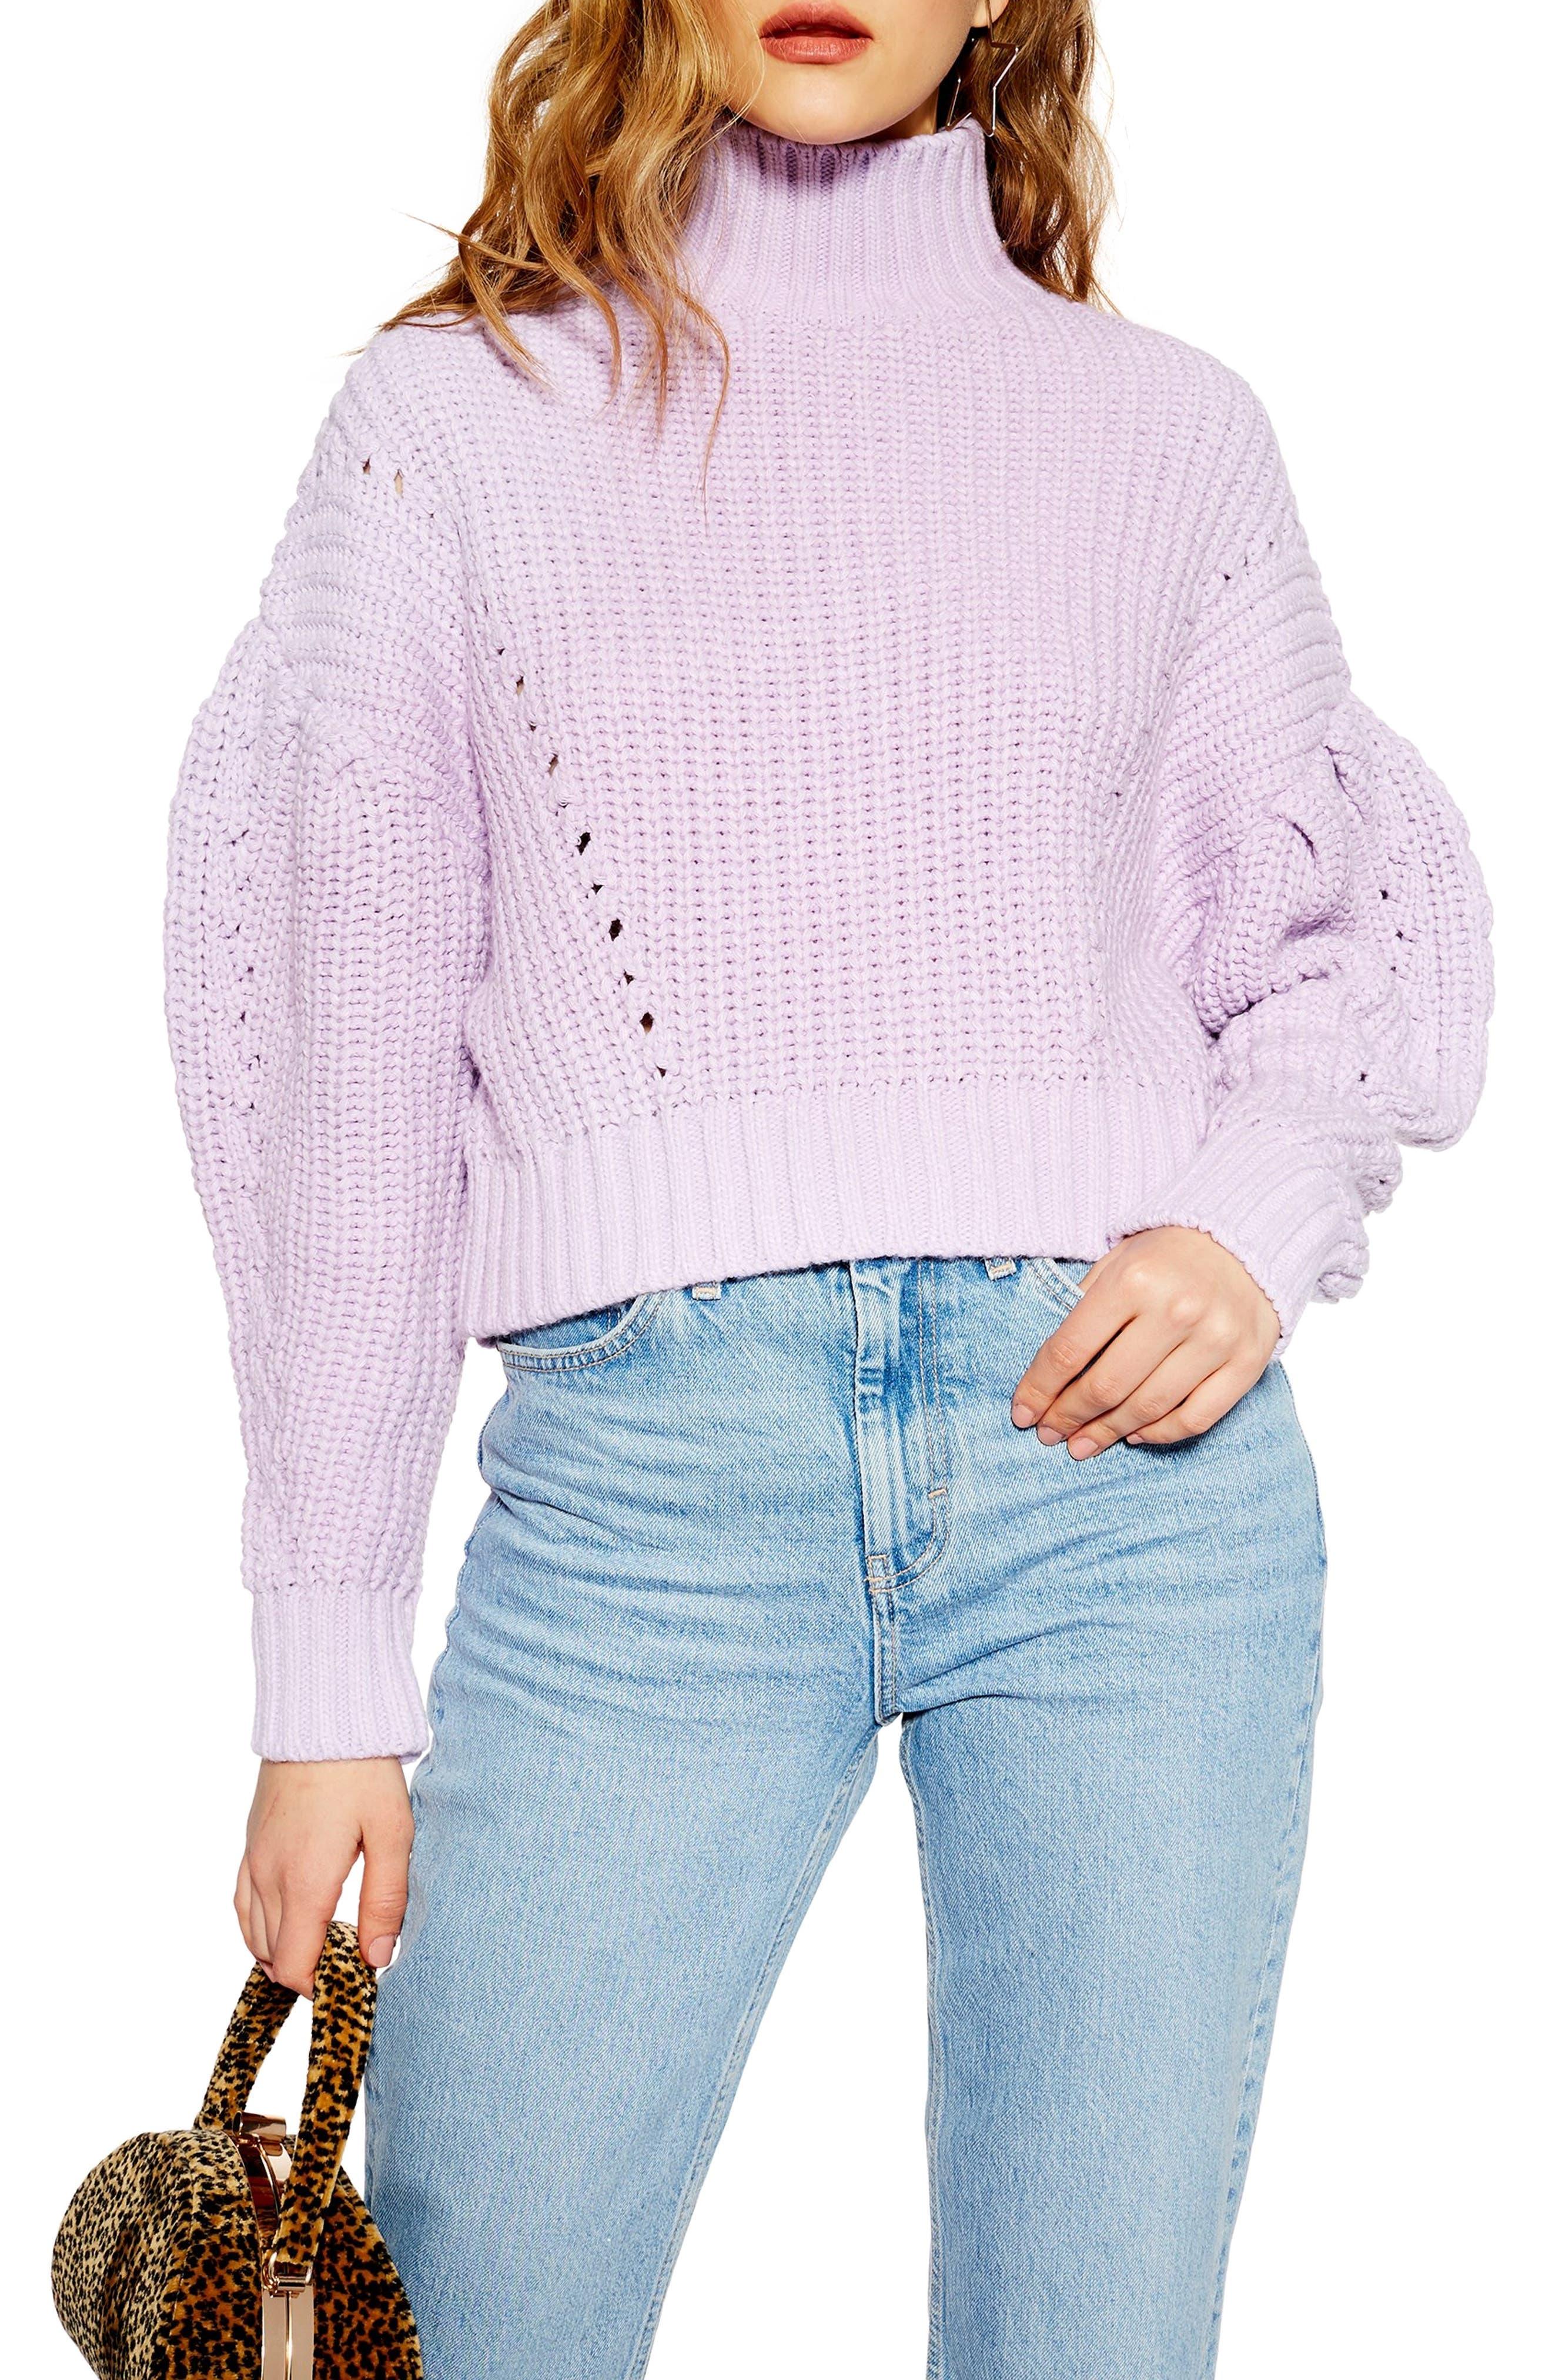 Nordstrom Sweaters Topshop Women's Topshop Sweaters Nordstrom Topshop Women's Topshop Nordstrom Sweaters Women's Women's R47pqw7